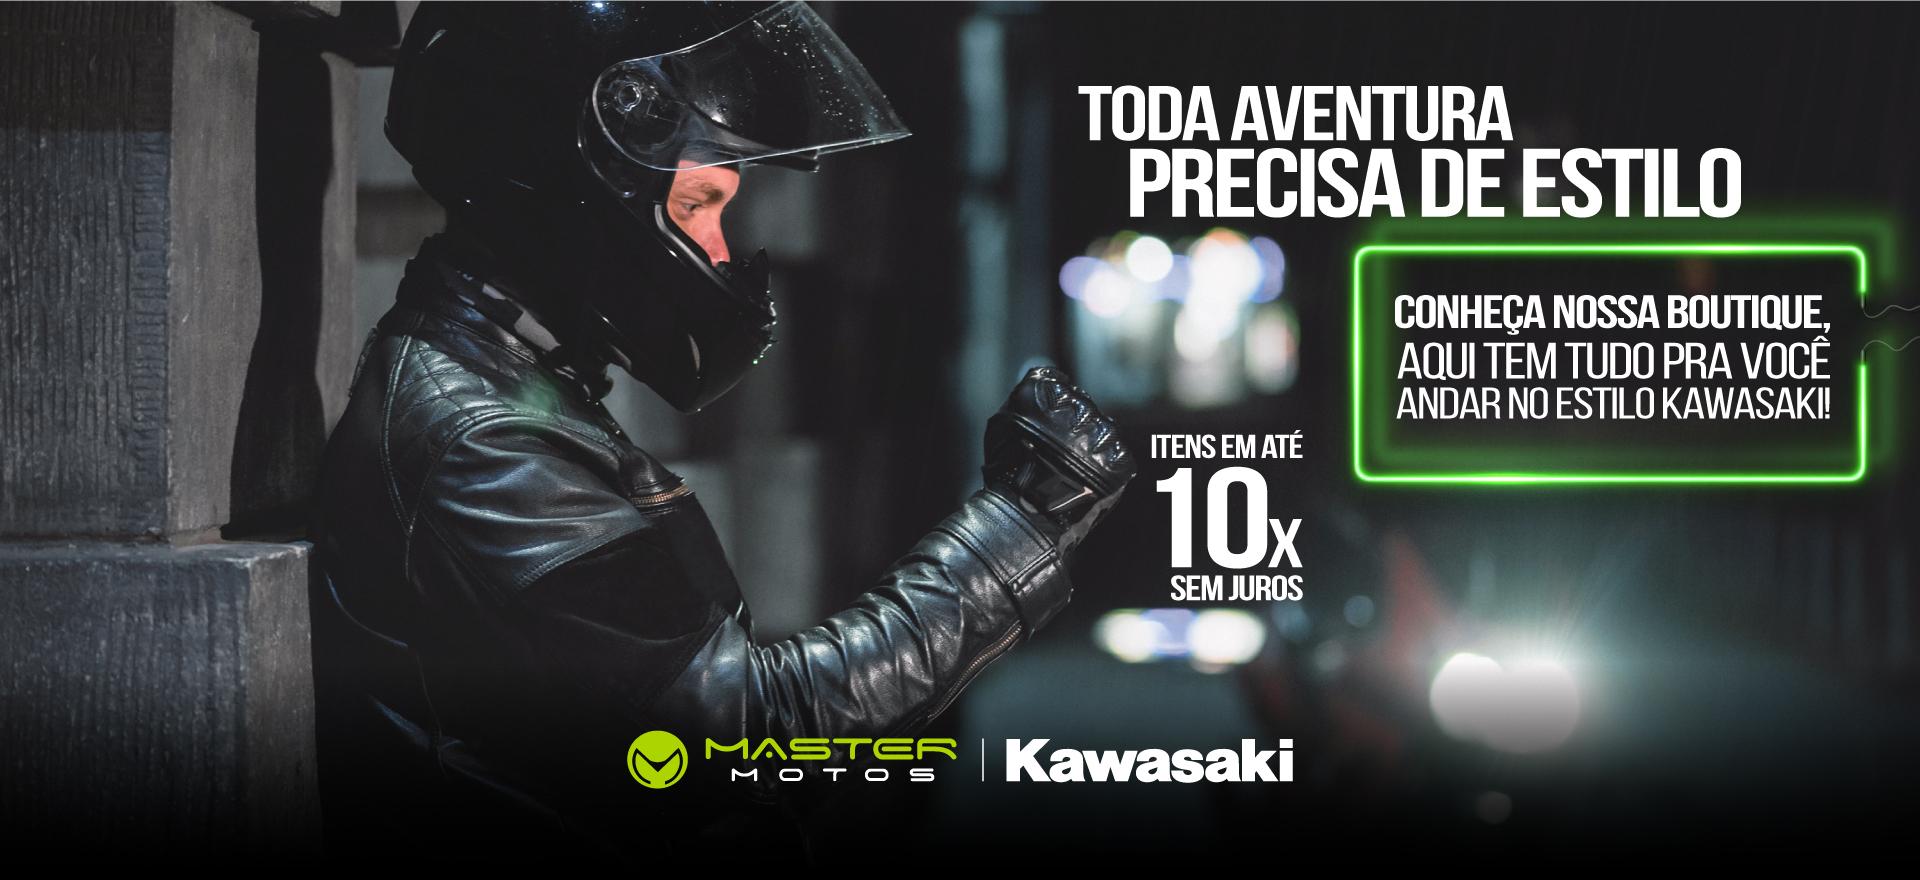 Boutique Kawasaki